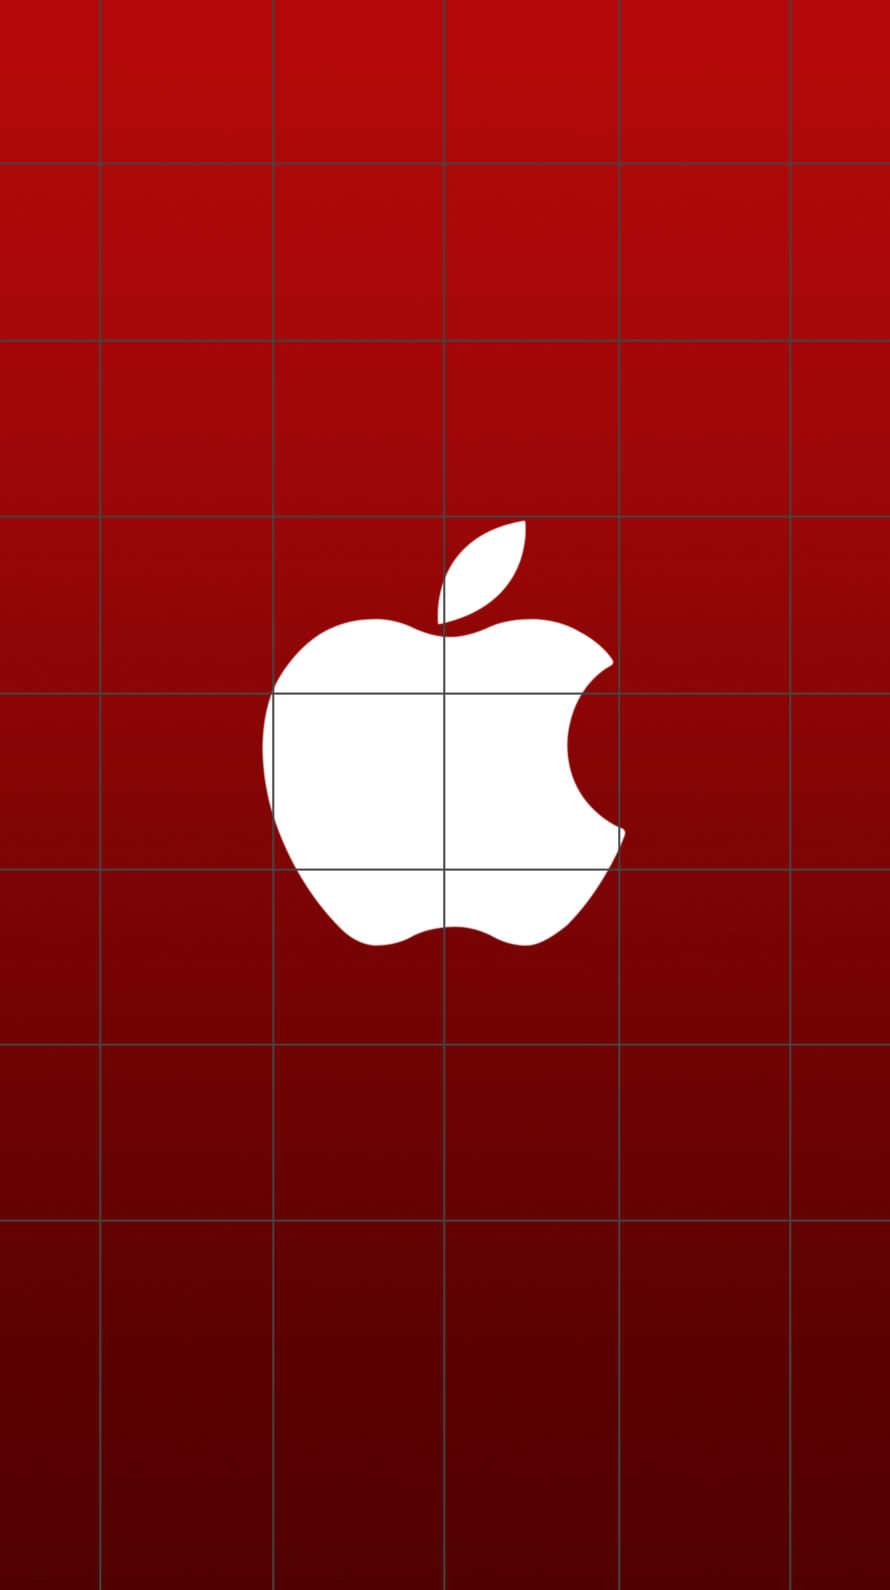 Red Iphone 6 Wallpaper Wallpapersafari